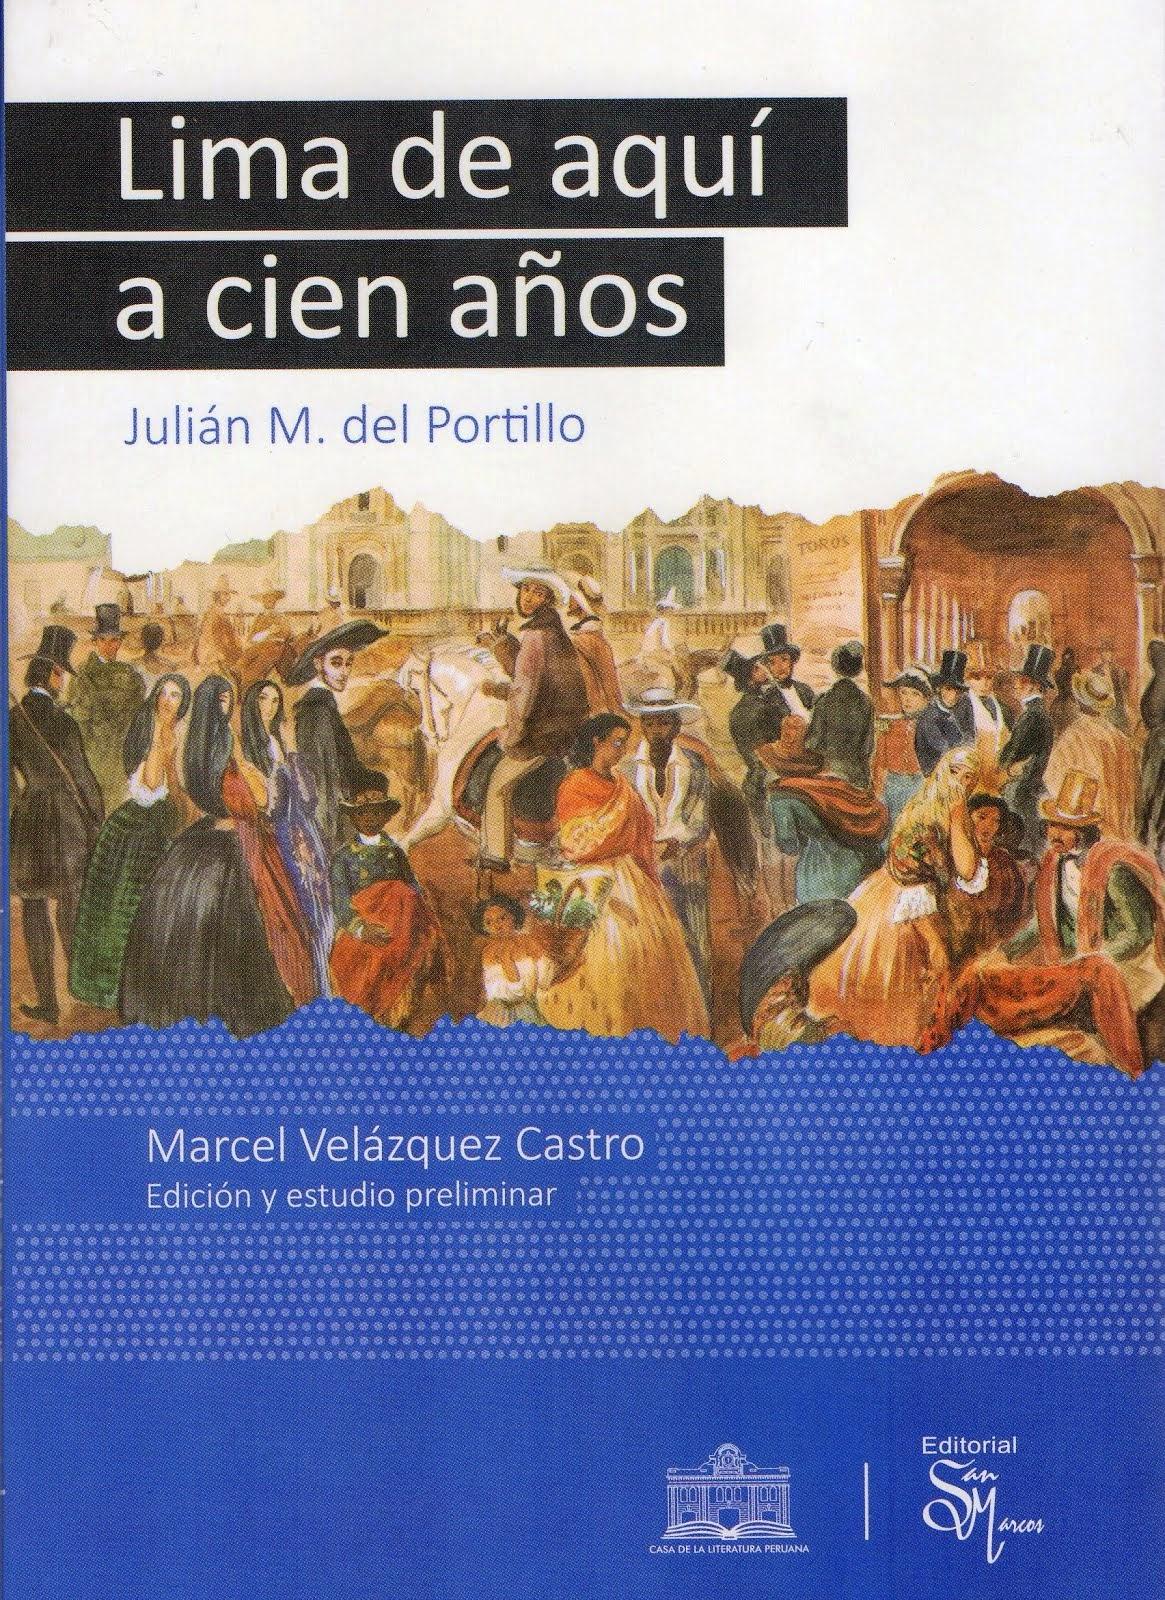 Lima de aquí a cien años - Julián M. del Portillo